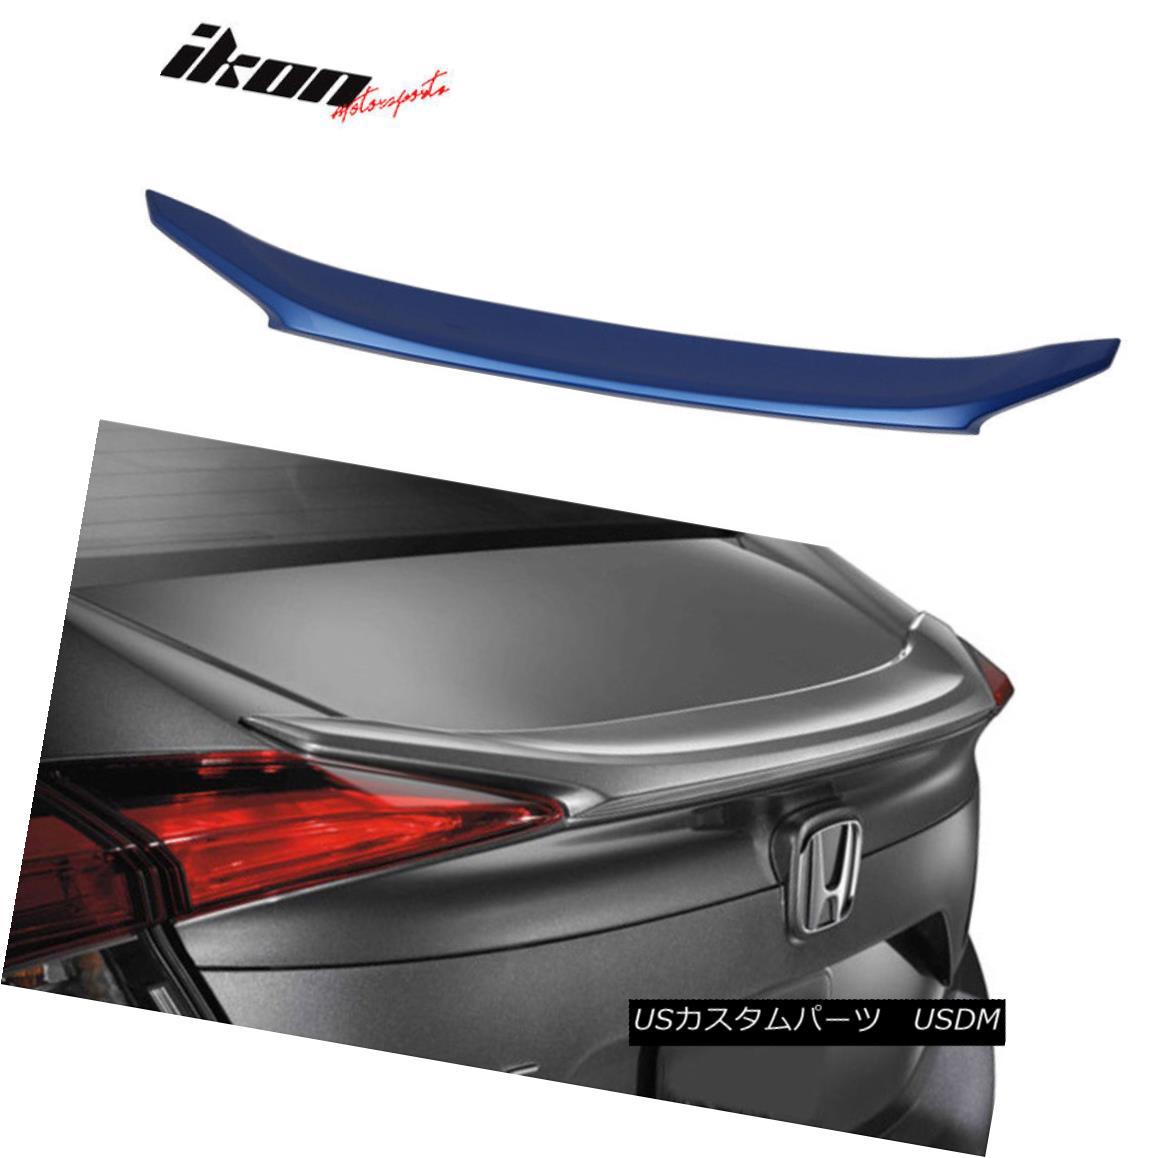 エアロパーツ 16-18 Honda Civic X Sedan OE Trunk Spoiler Painted Aegean Blue Metallic # B593M 16-18ホンダシビックXセダンOEトランク・スポイラーペイントエーゲー・ブルー・メタリック#B593M